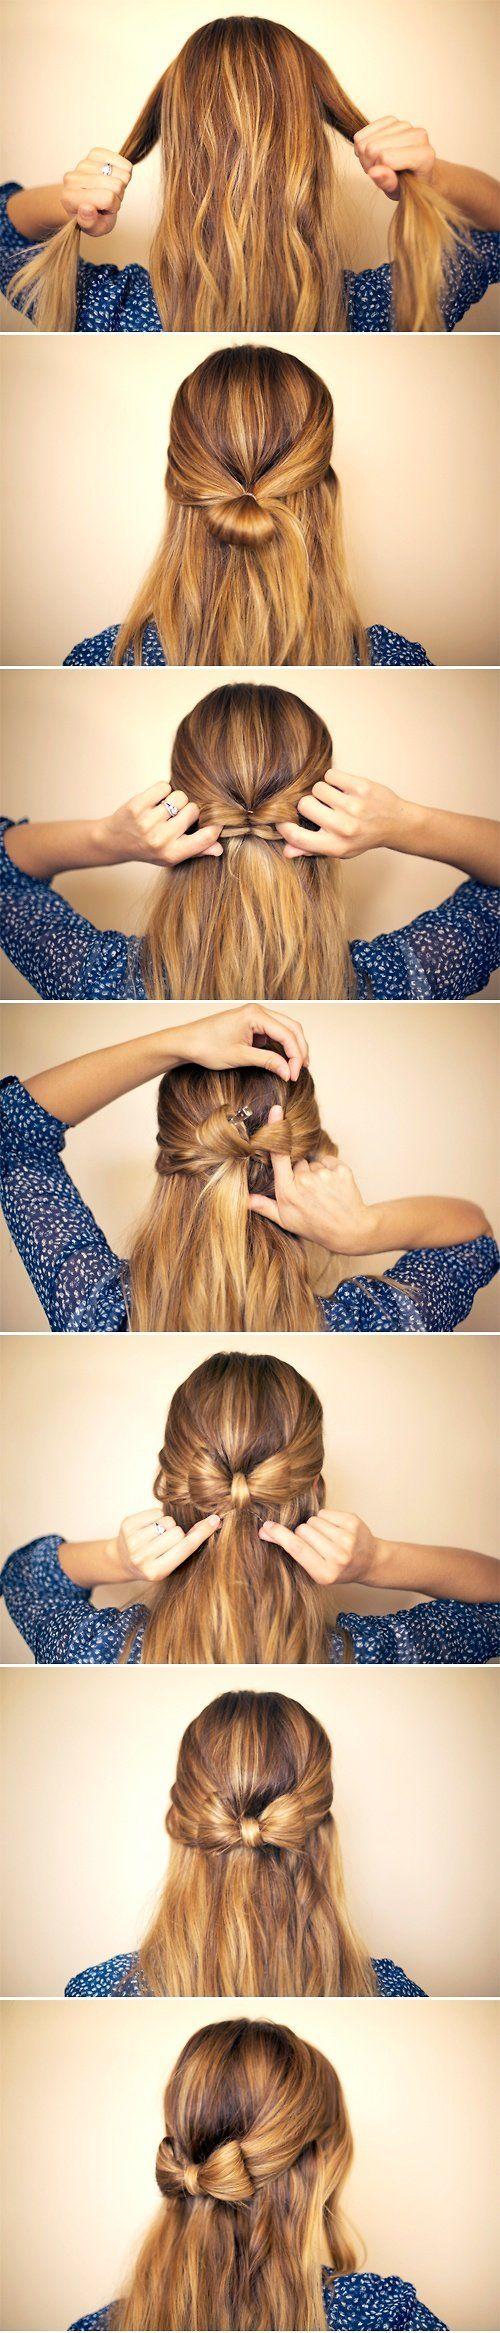 HOW TO. Hur fixar man en söt rosett i sin håruppsättning?